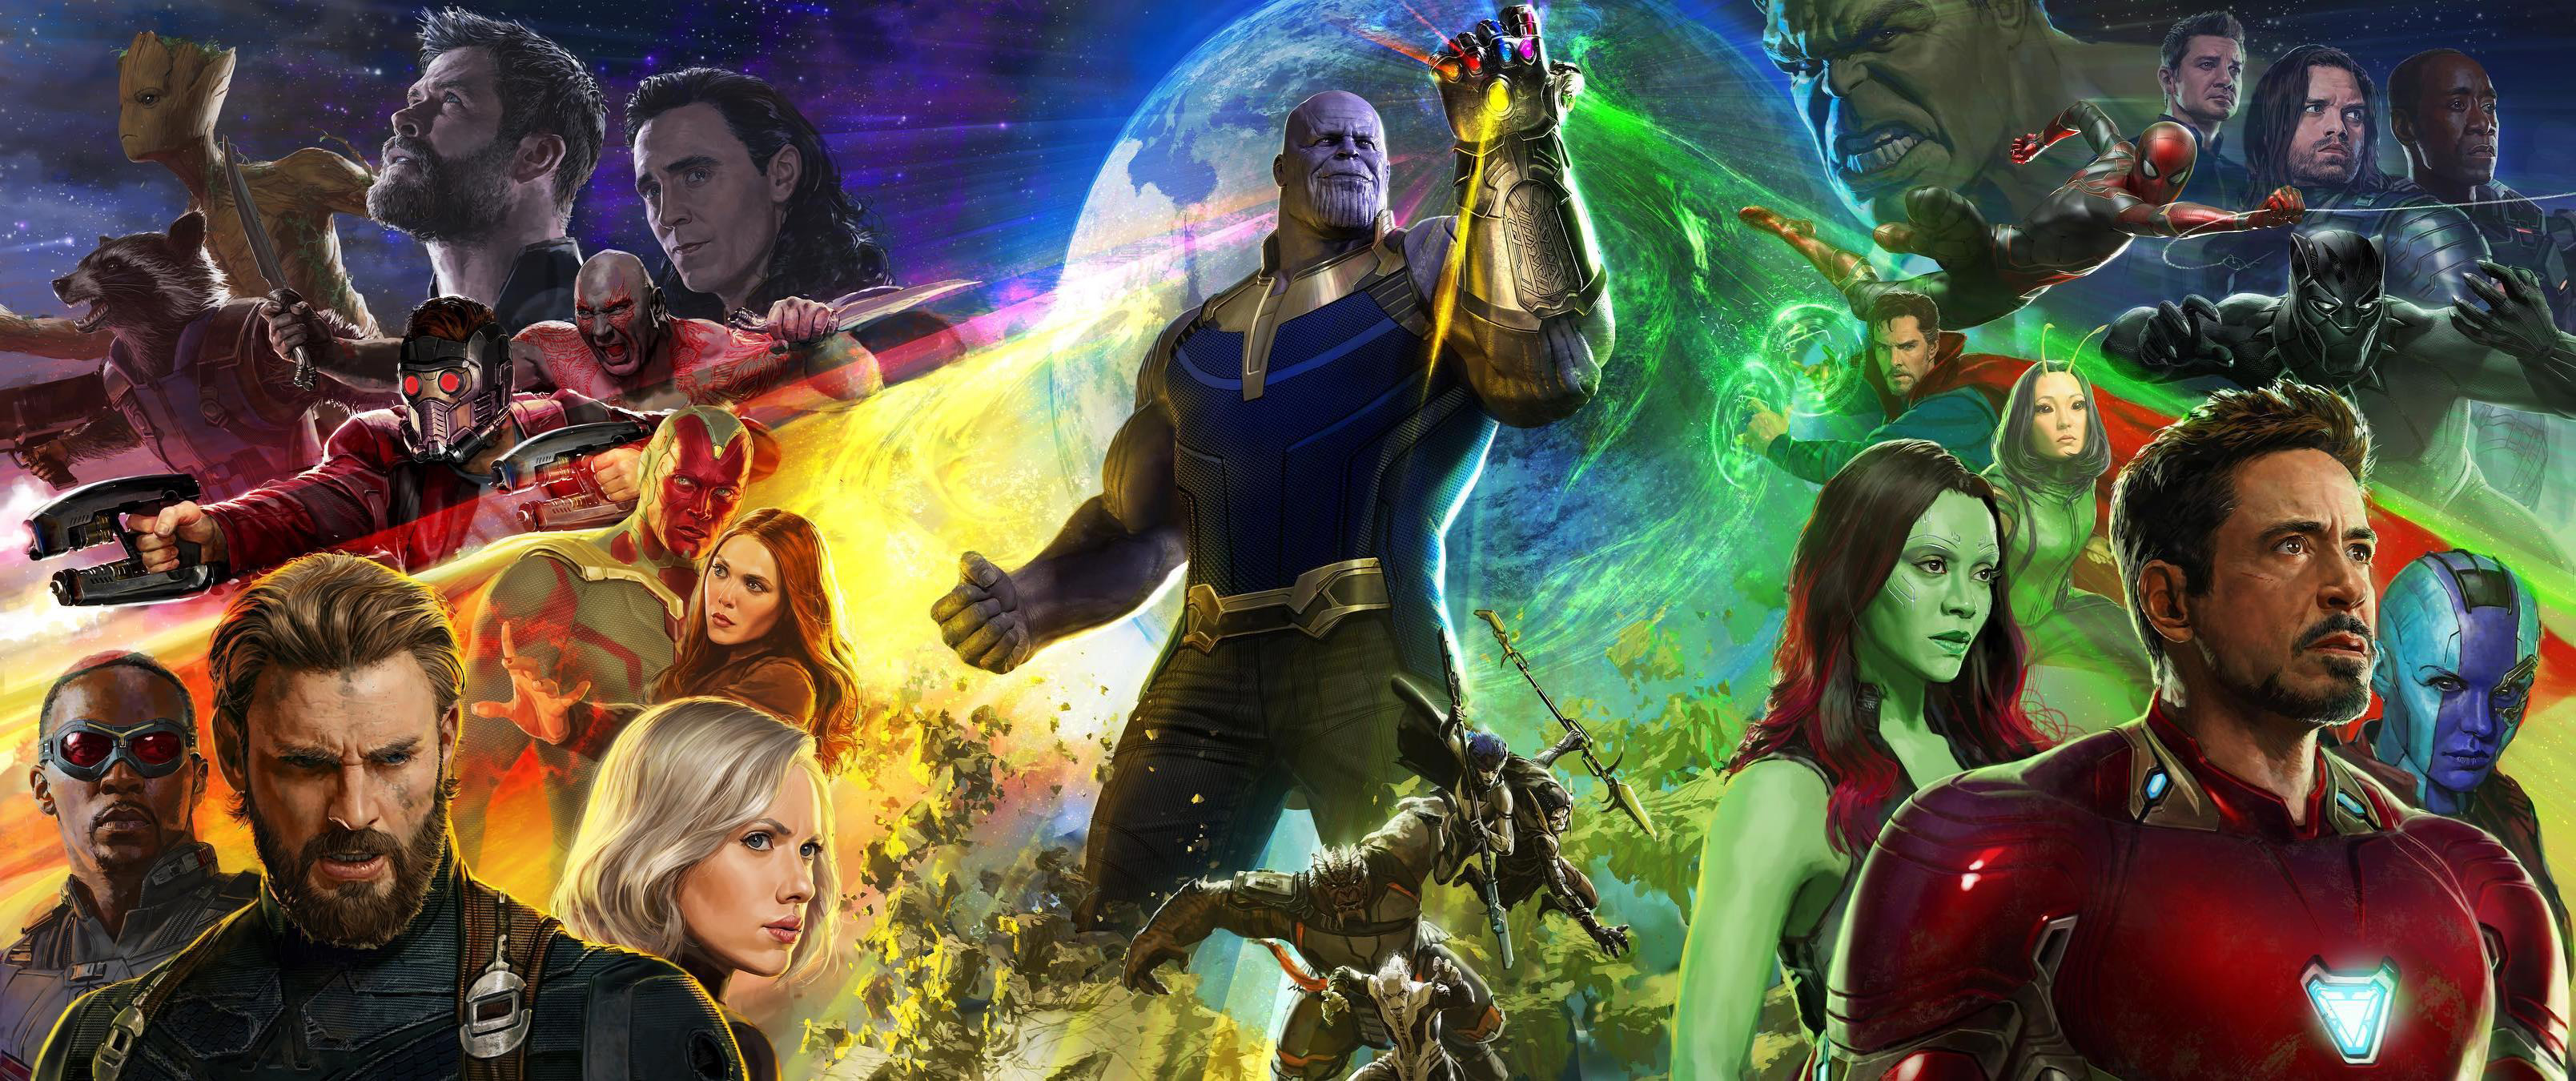 Post -- Vengadores : Guerras del Infinto l Parte 1 -- 04/05/2018  94439